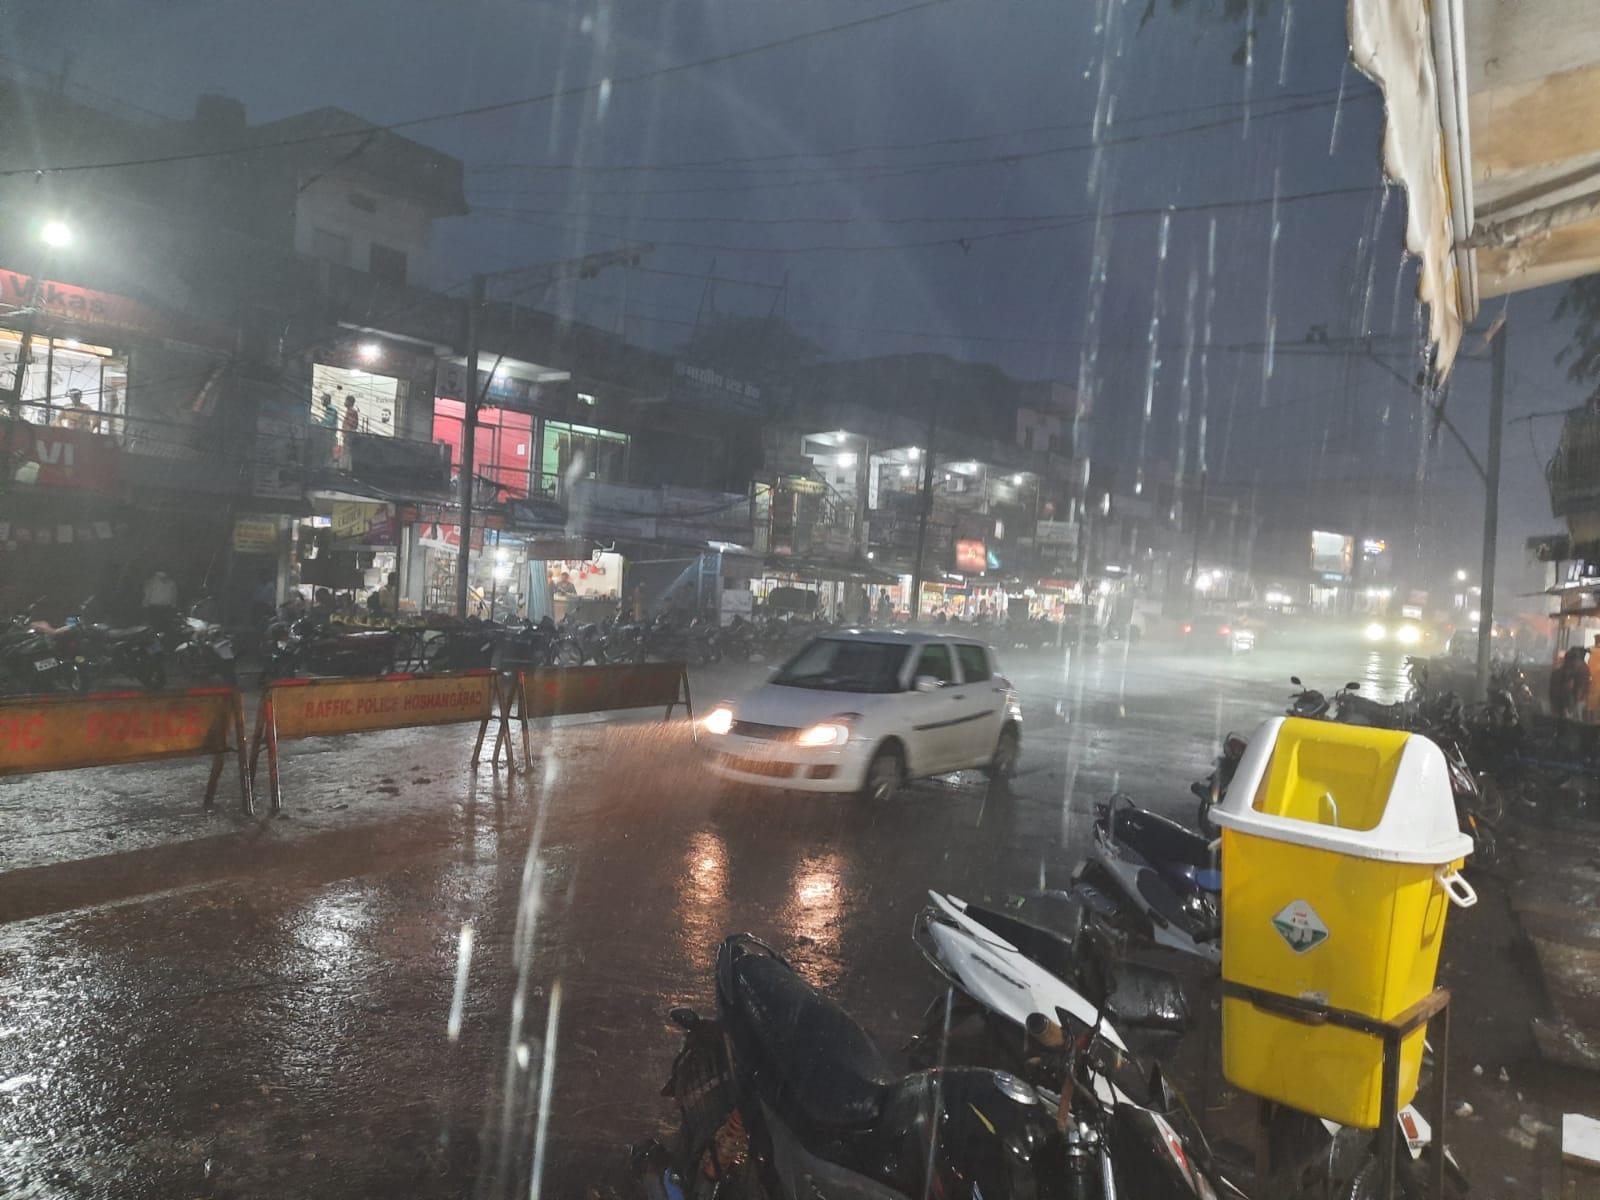 गरज चमक के साथ तेज बारिश, 12घंटे में 1इंच औसत बारिश, आकाशीय बिजली गिरने से किसान की मौत|होशंगाबाद,Hoshangabad - Dainik Bhaskar